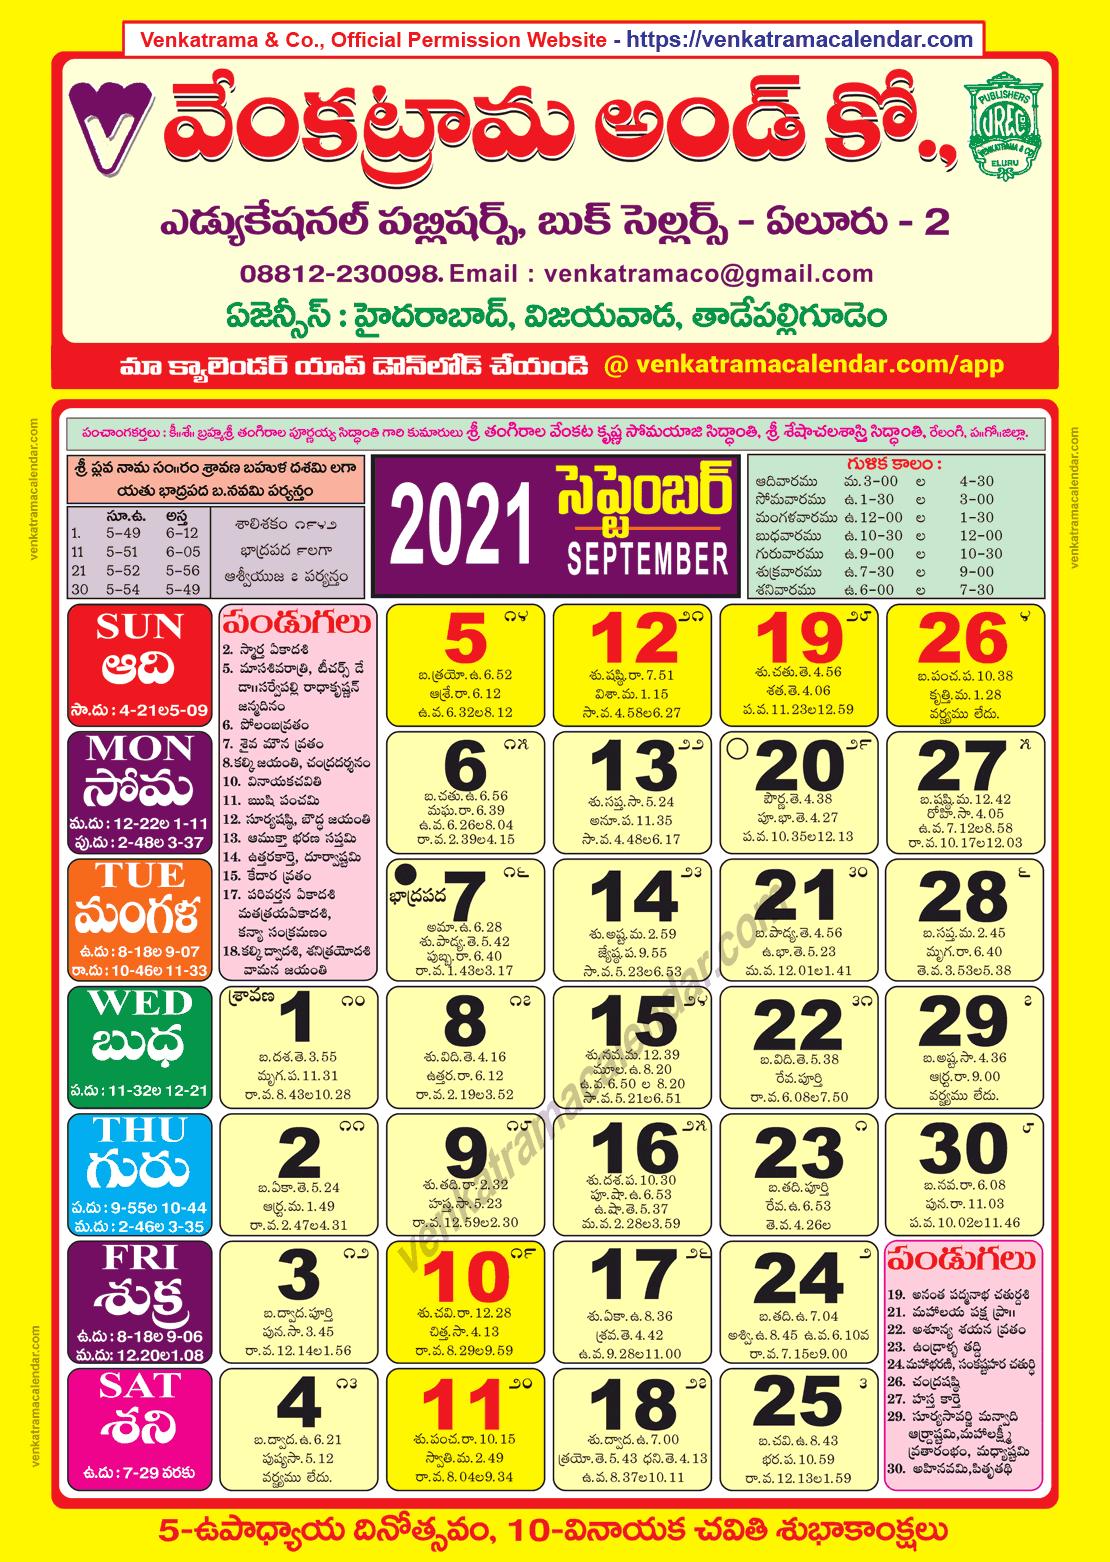 Telugu Calendar 2021 September Venkatrama Co 2021 September Telugu Calendar Colour